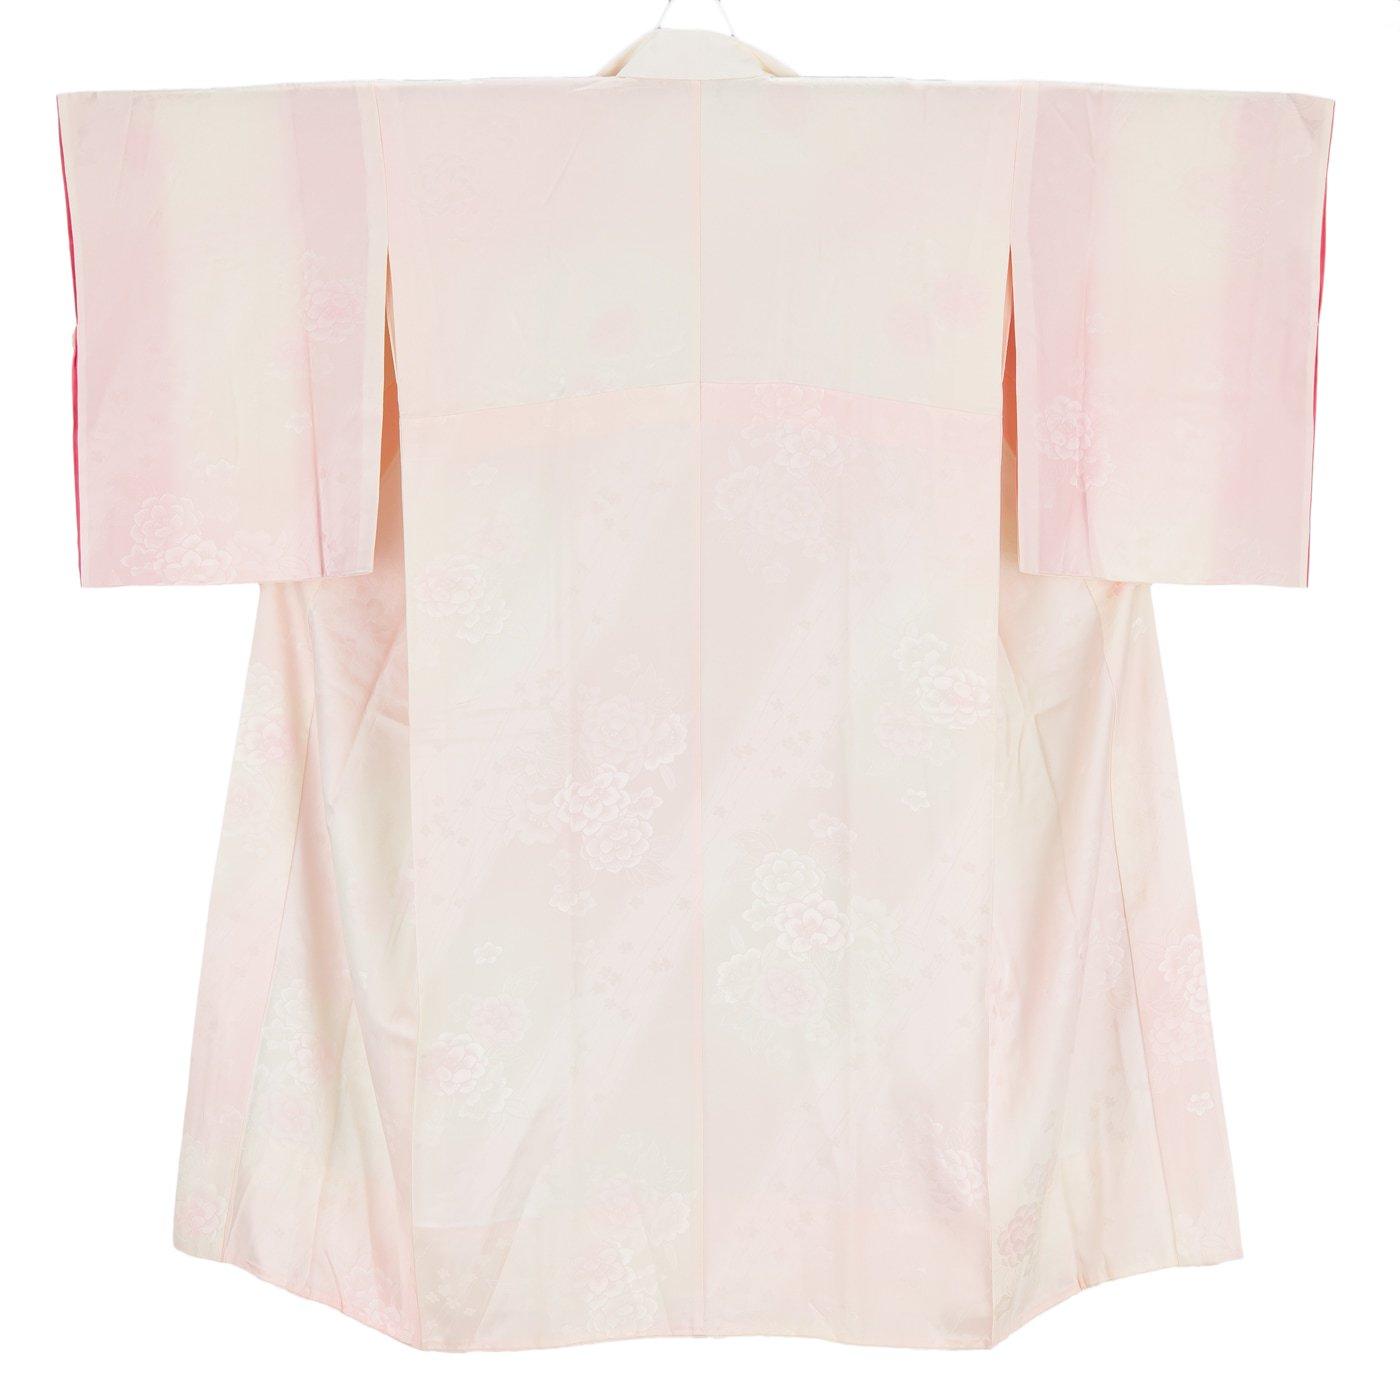 「長襦袢 ピンク暈し 牡丹」の商品画像